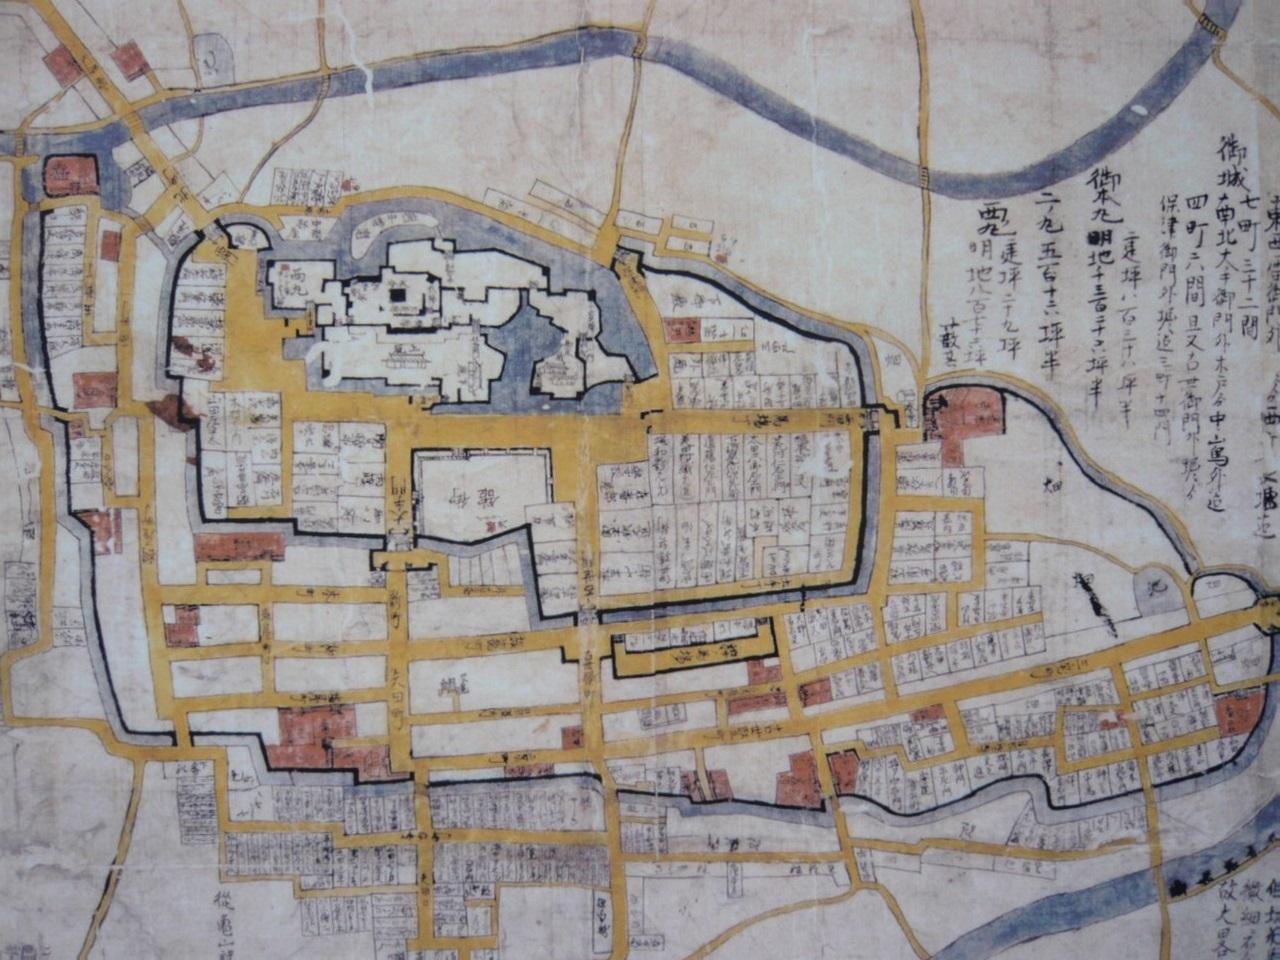 亀山城なわばり図(城とか陵墓とか) 1280-960